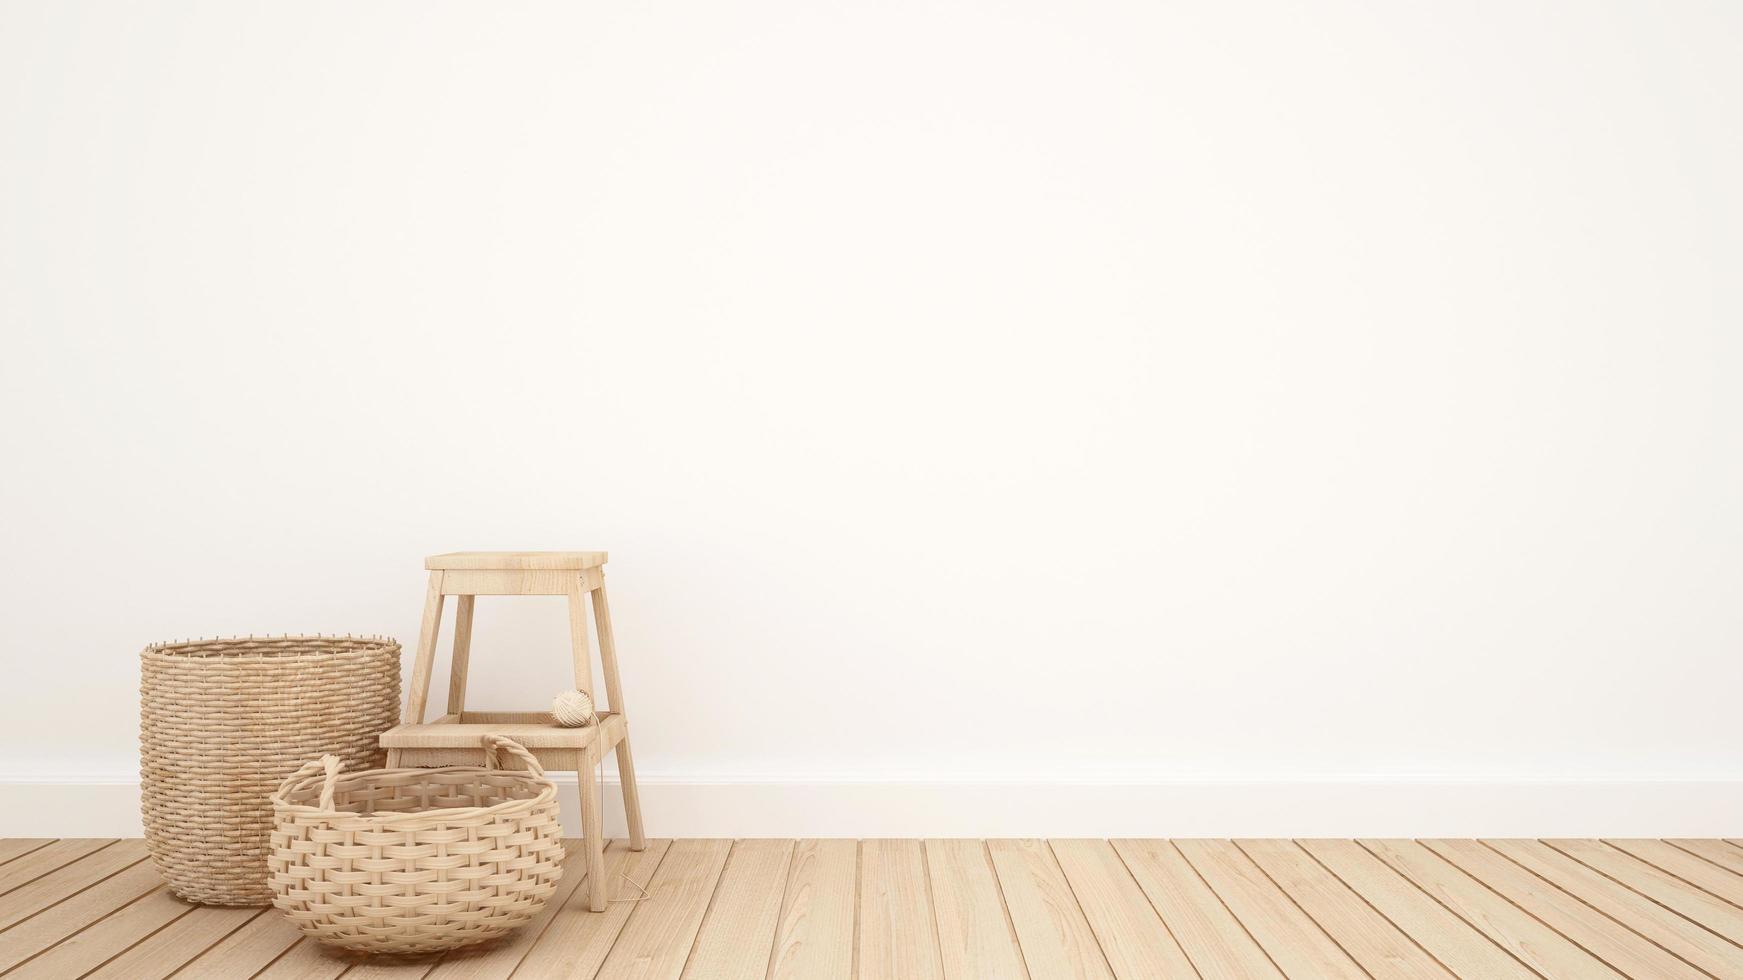 canasta de mimbre y taburete en la sala blanca para obras de arte foto